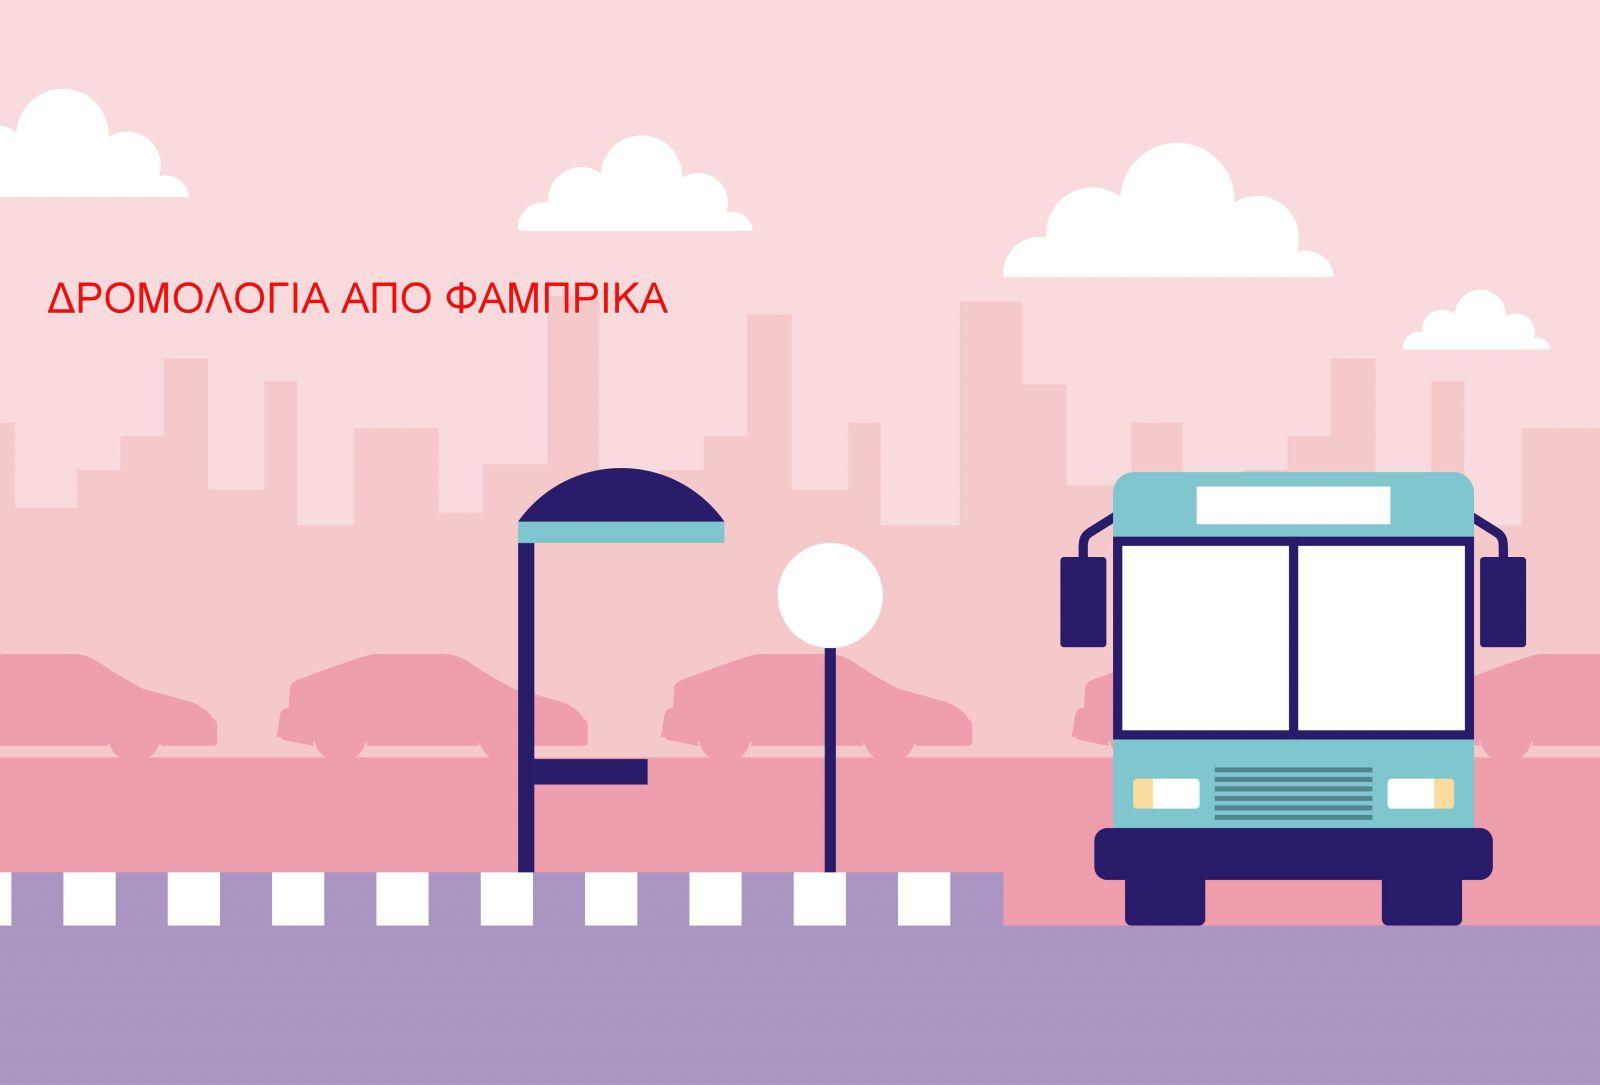 Επέκταση δρομολογίων ΚΤΕΛ από Φάμπρικα